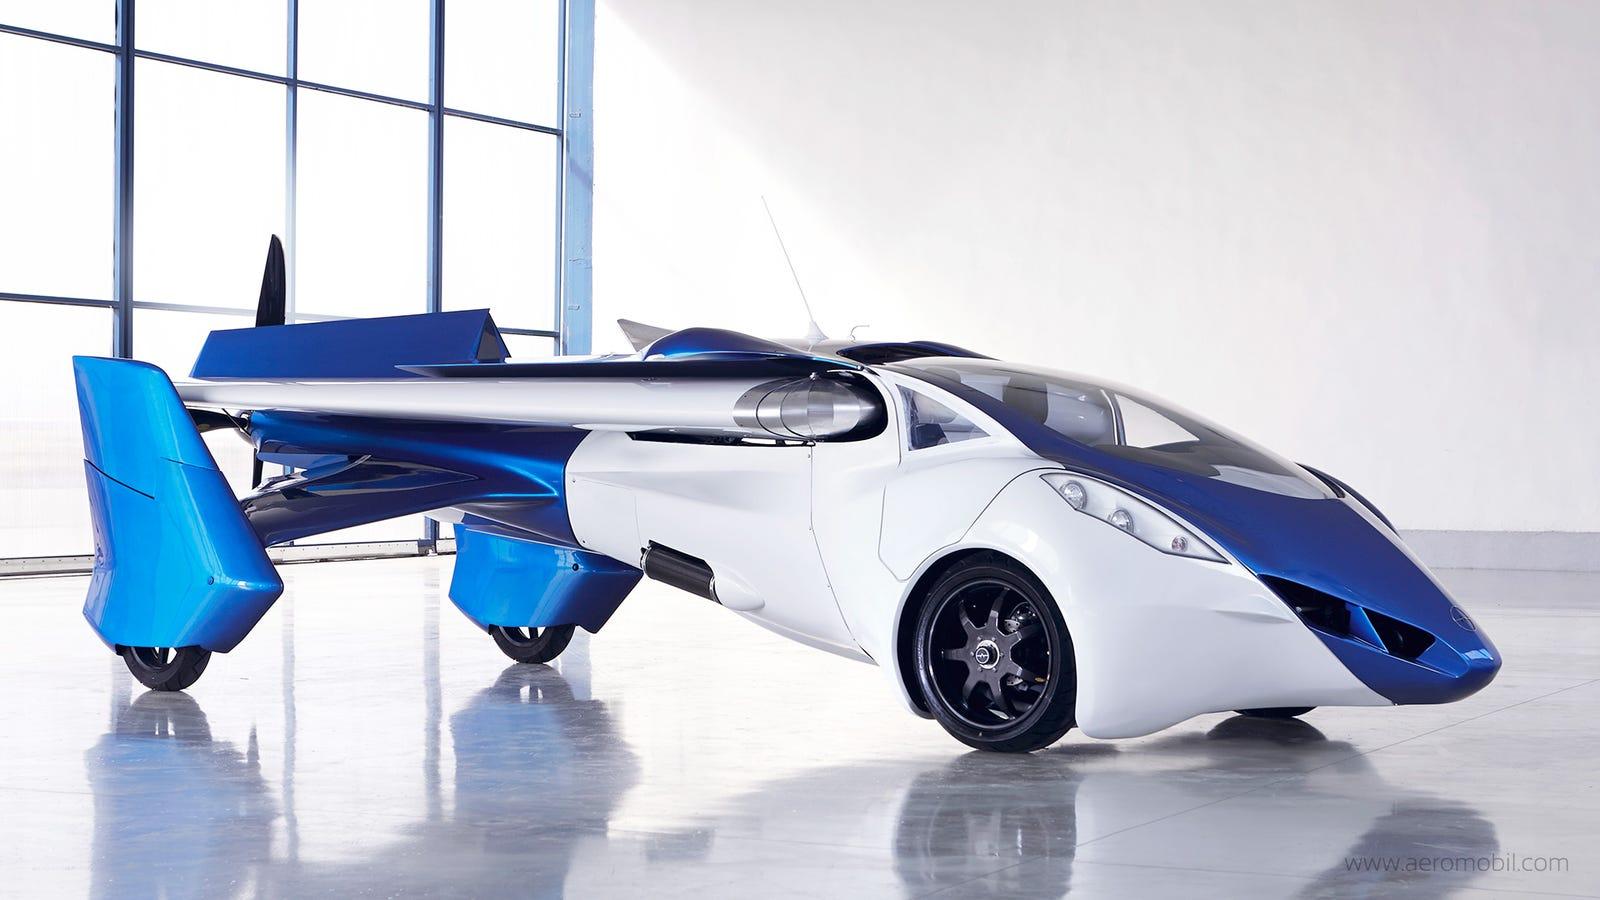 El coche volador más avanzado está listo para despegar